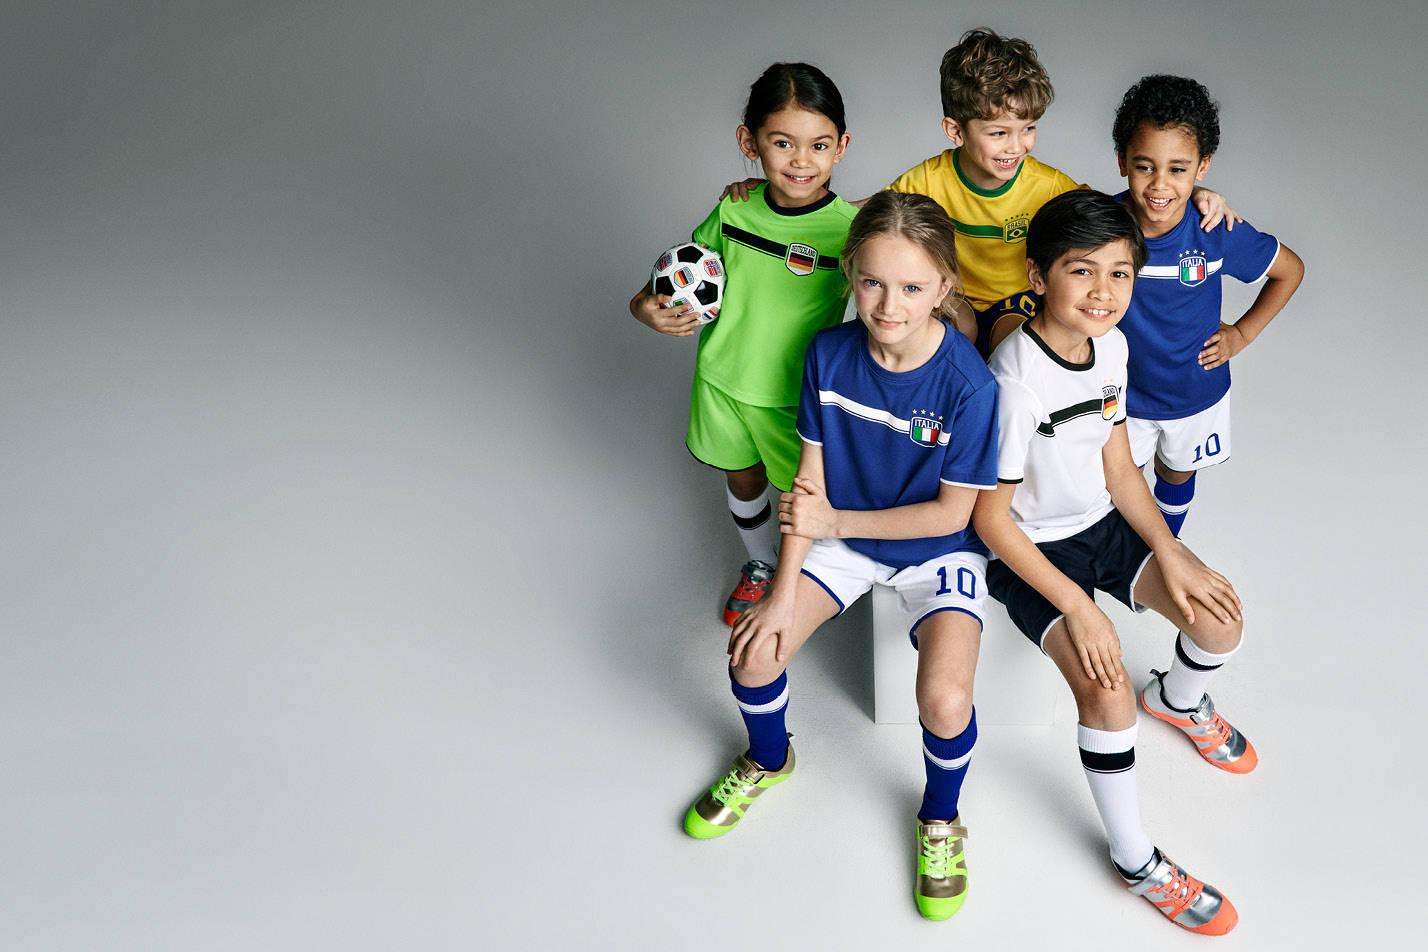 Dziecięca kolekcja futbolowa do -50% (podkolanówki za 6,90zł, koszulki od 8,90zł) @ H&M